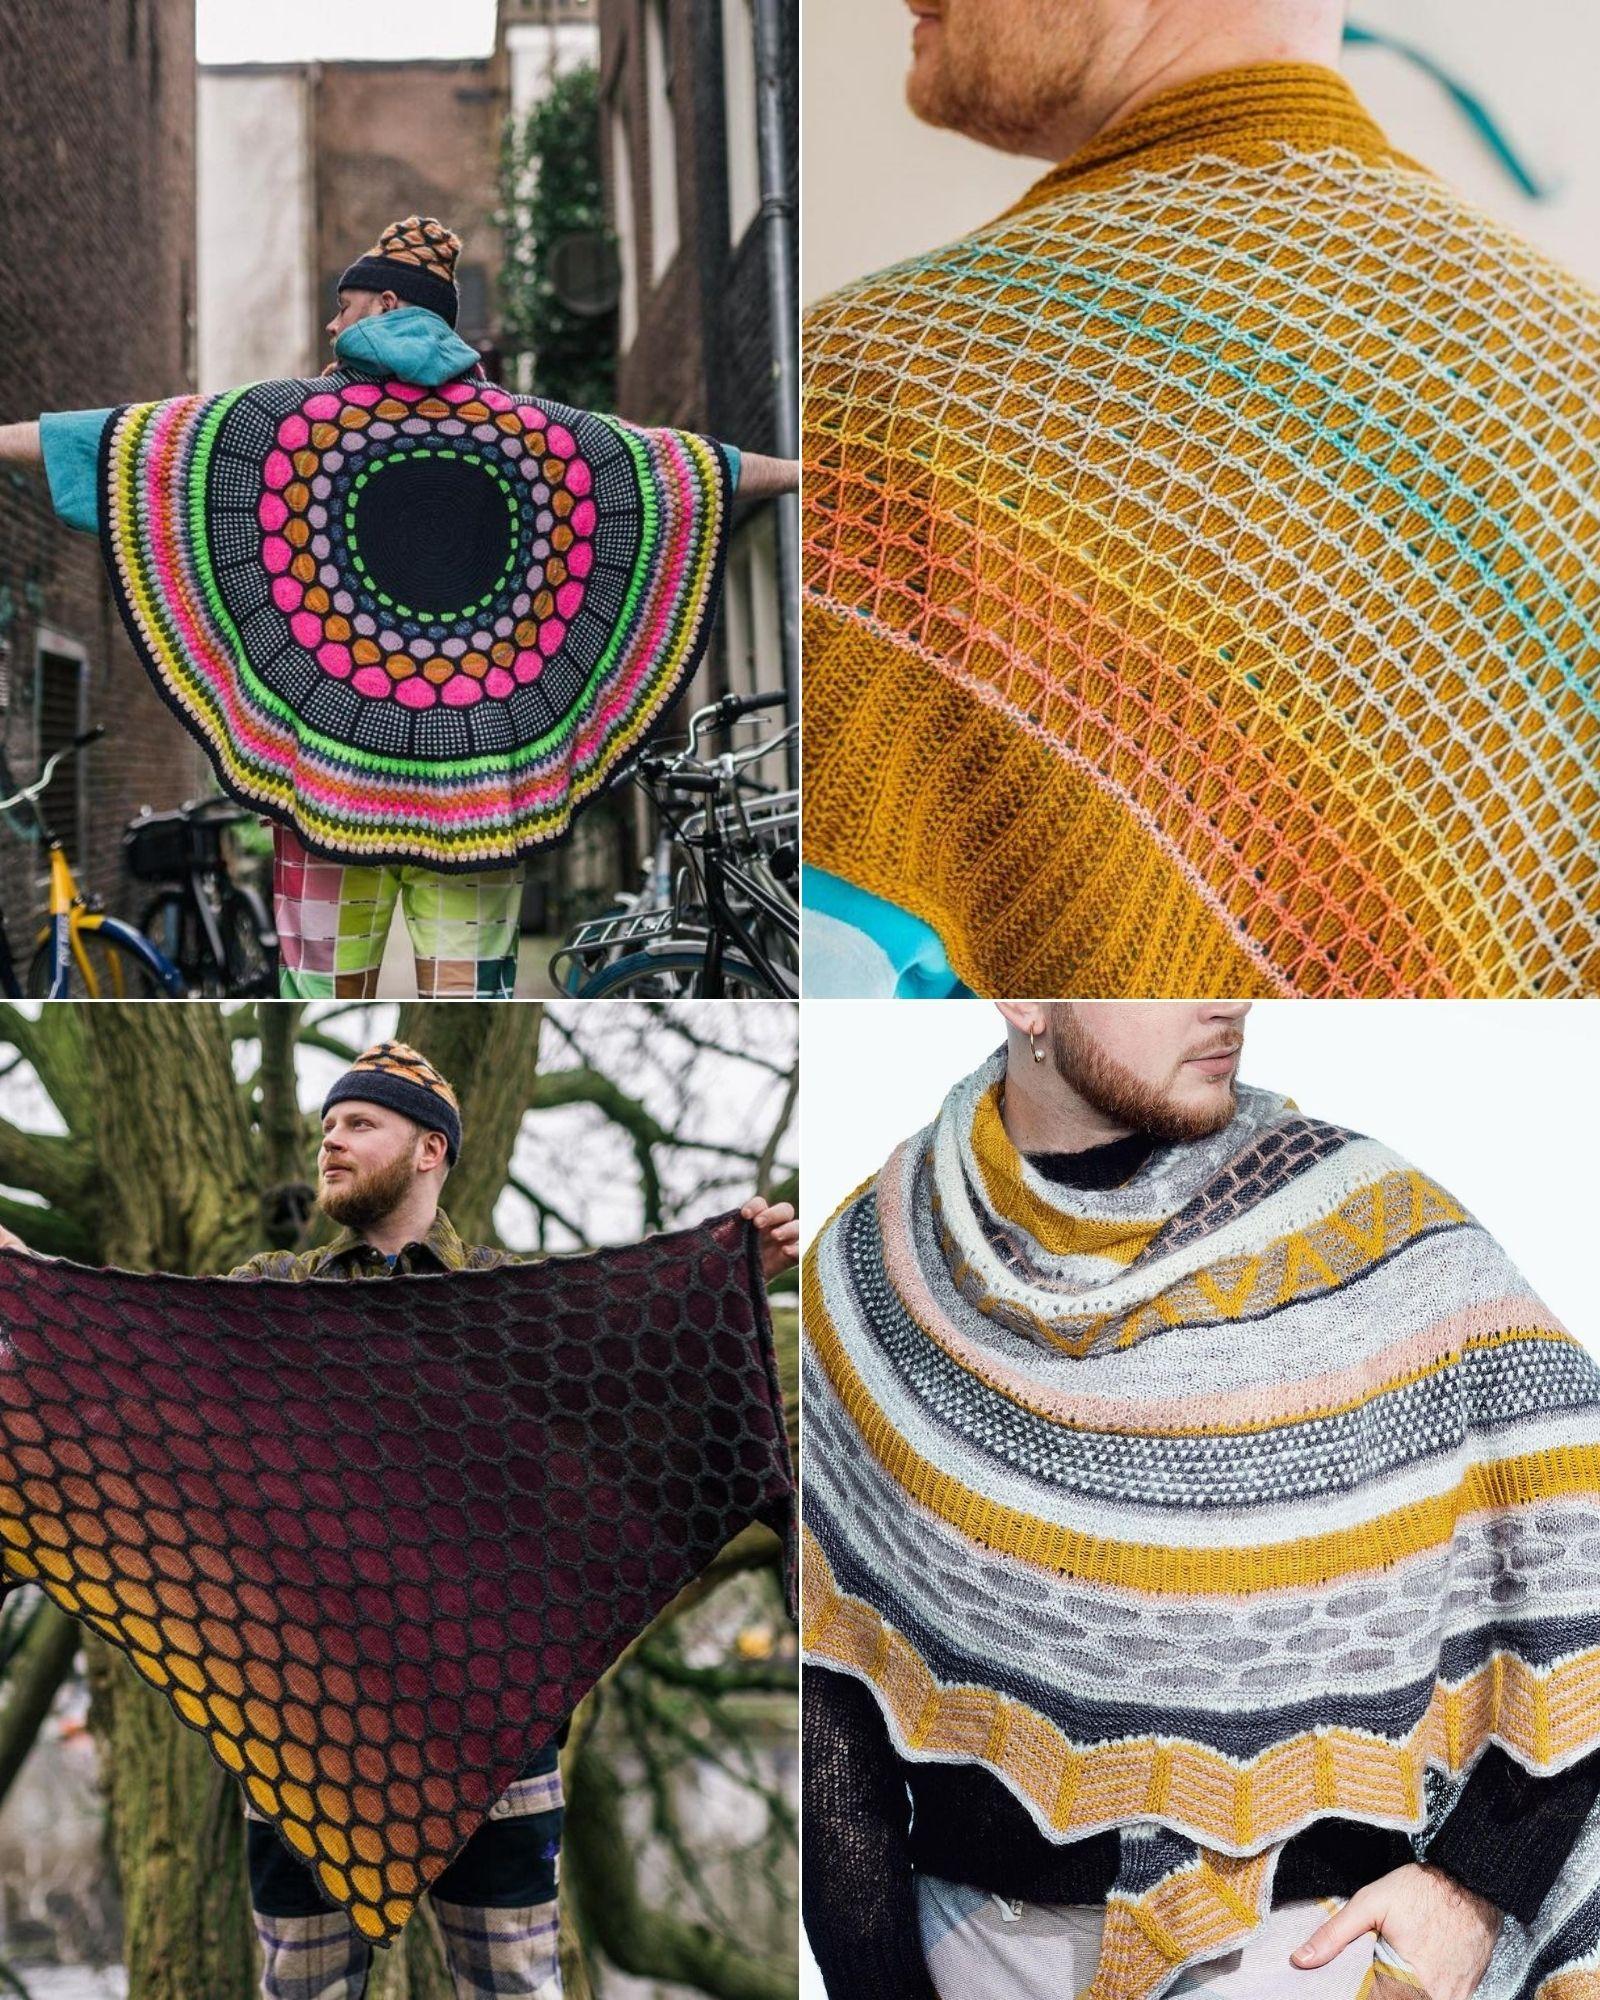 Tài khoản Instagram @westknits truyền cảm hứng đan len